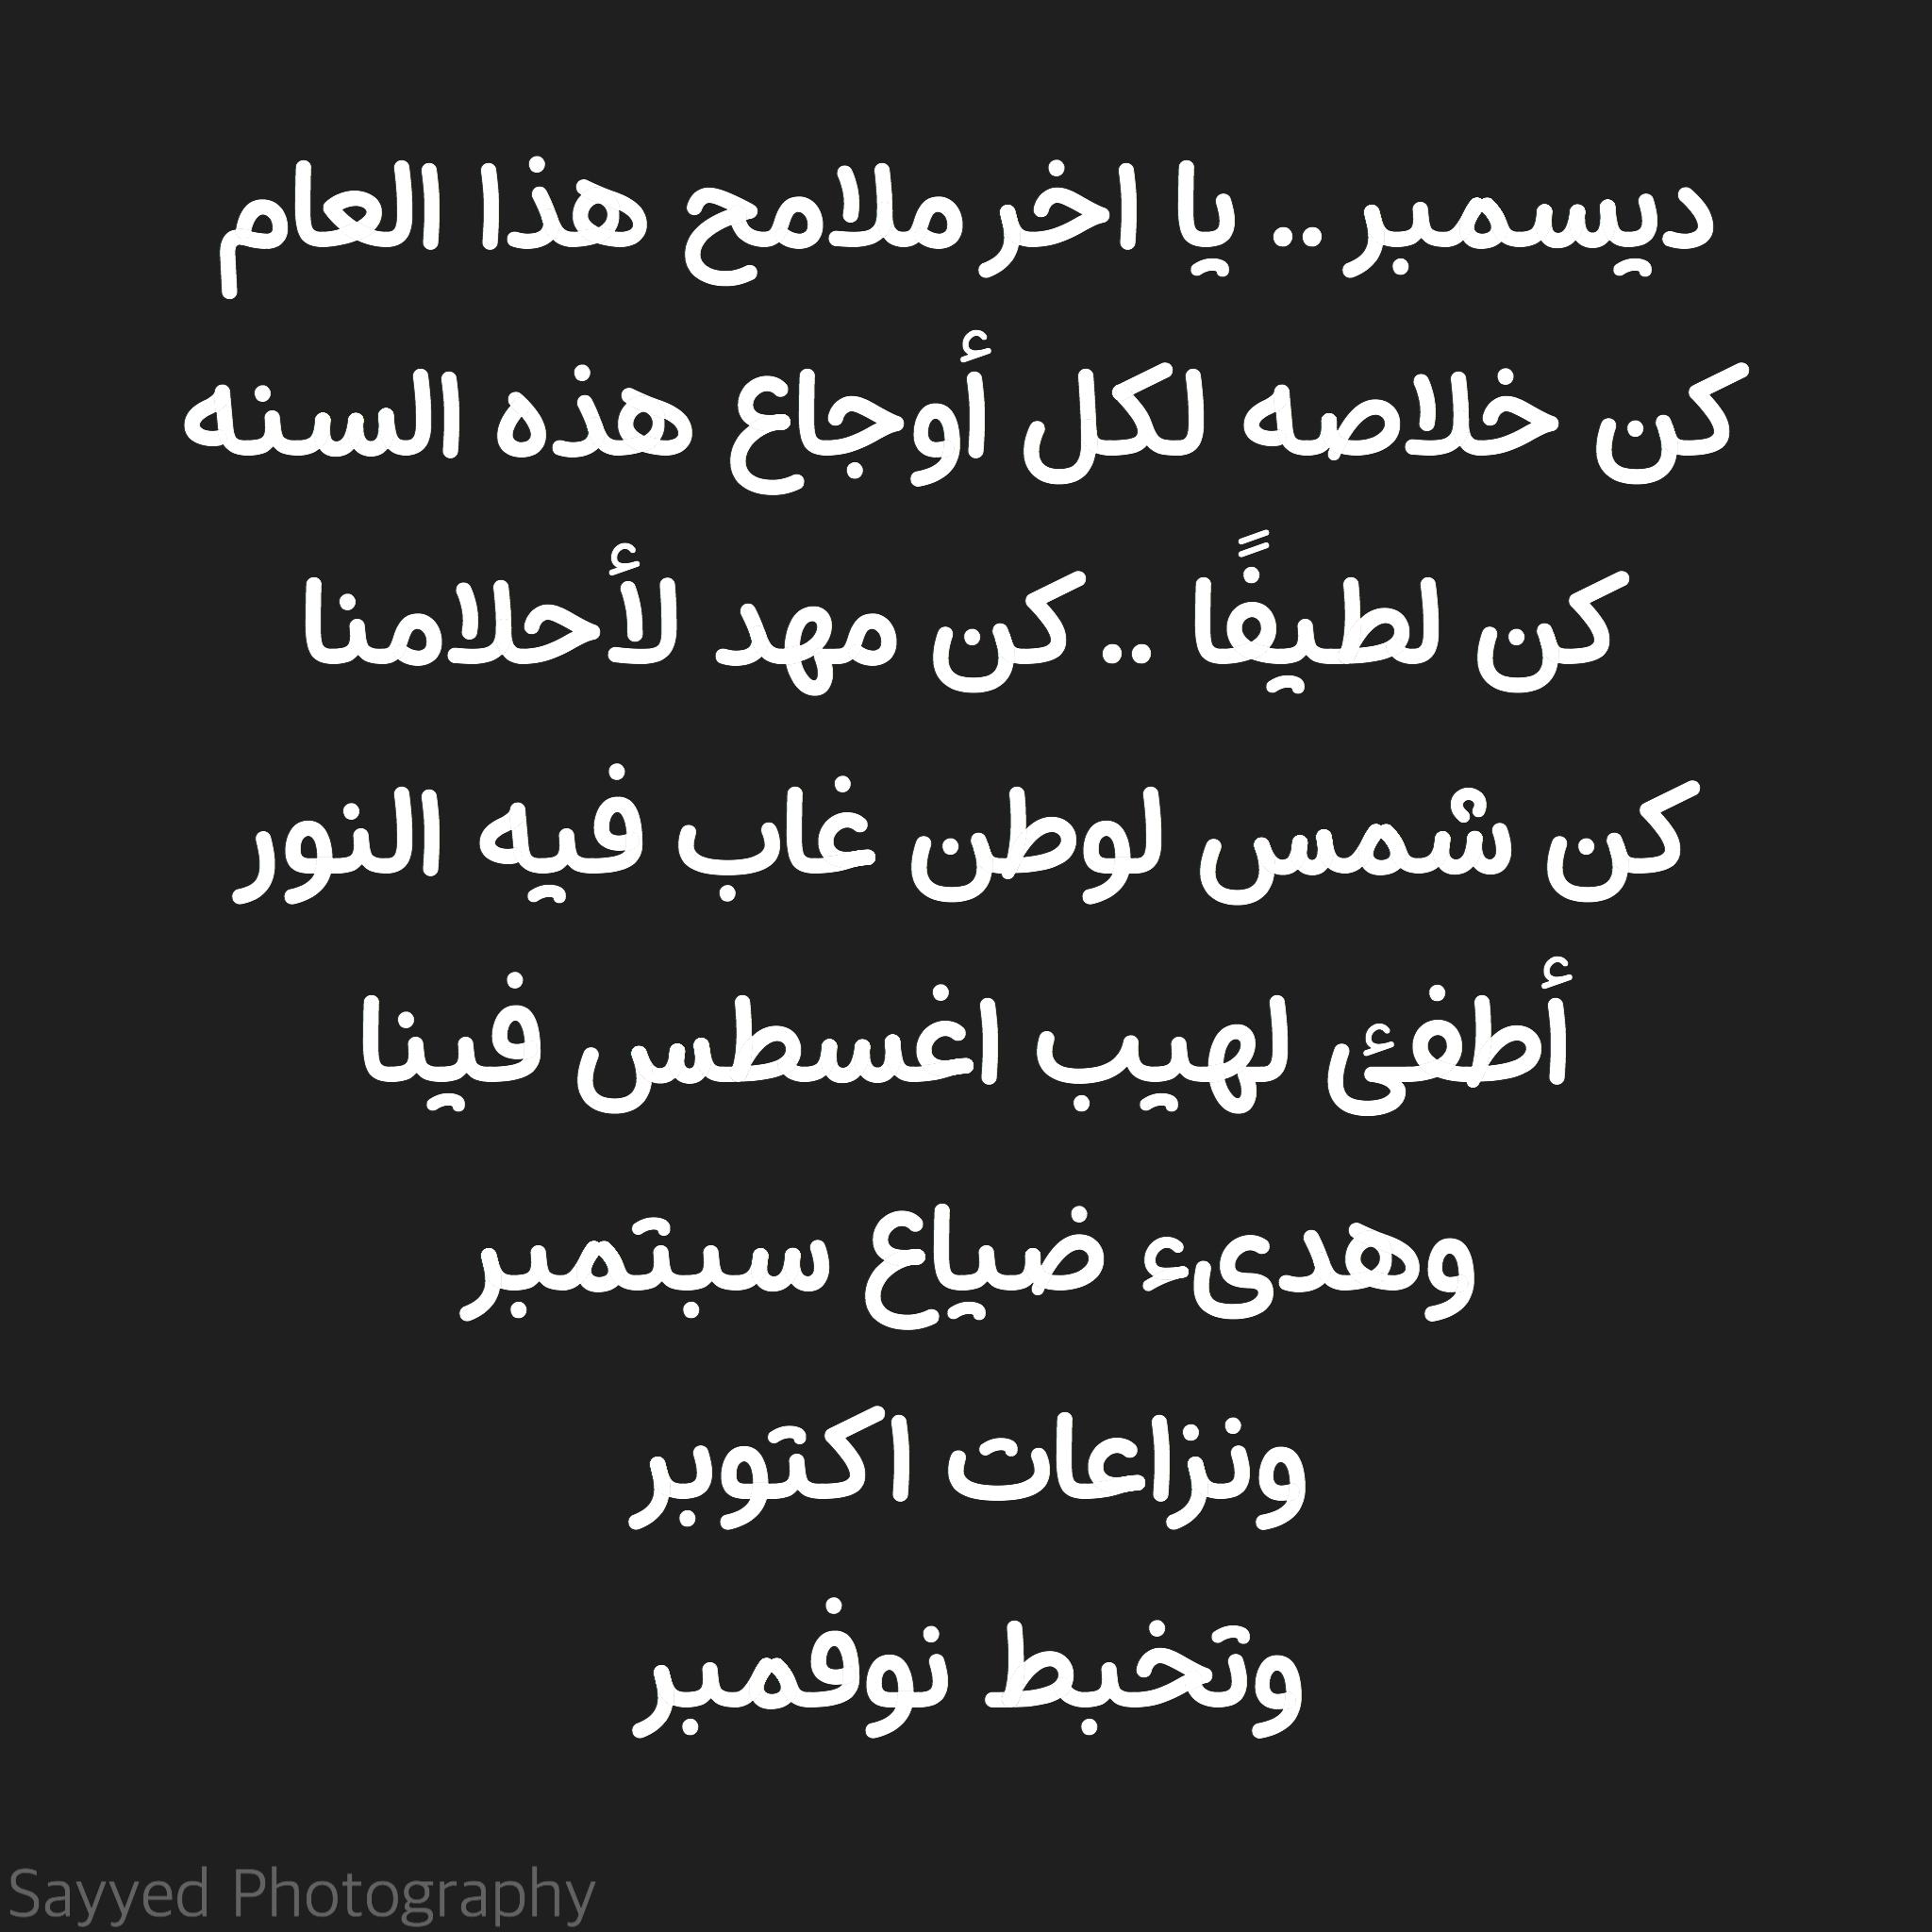 ديسمبر يا اخر ملامح هذا العام Arabic Quotes Words Birthday Wishes